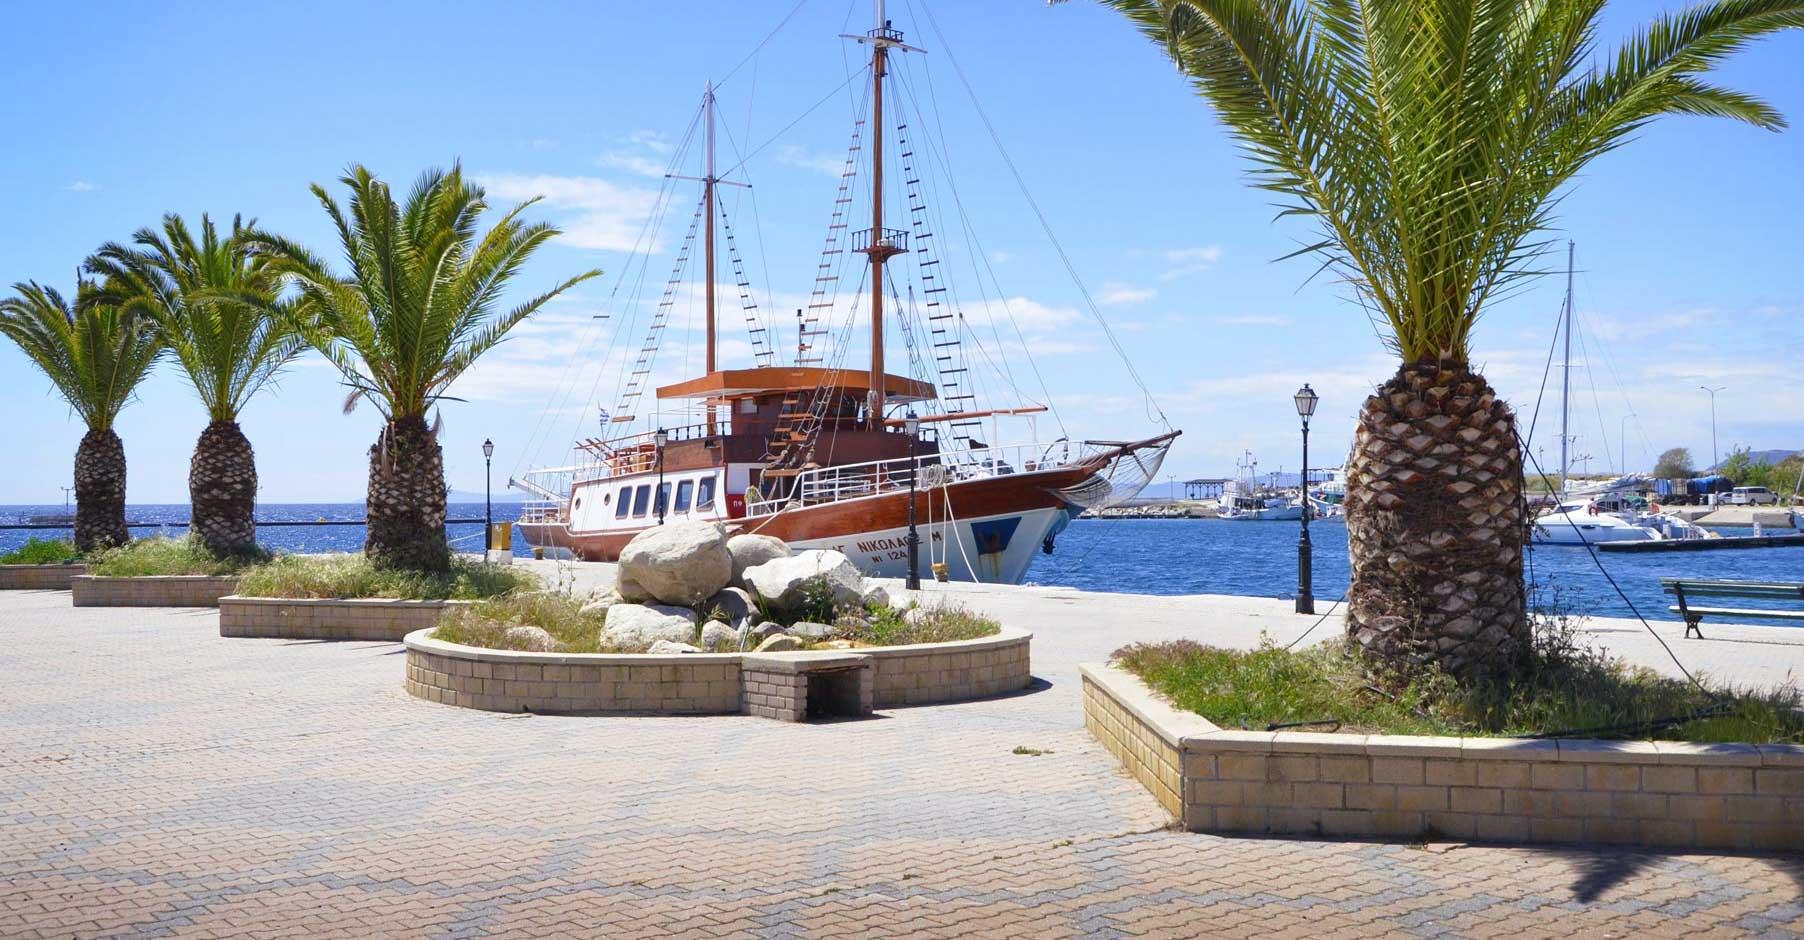 Chalkidiki Schiff im Hafen